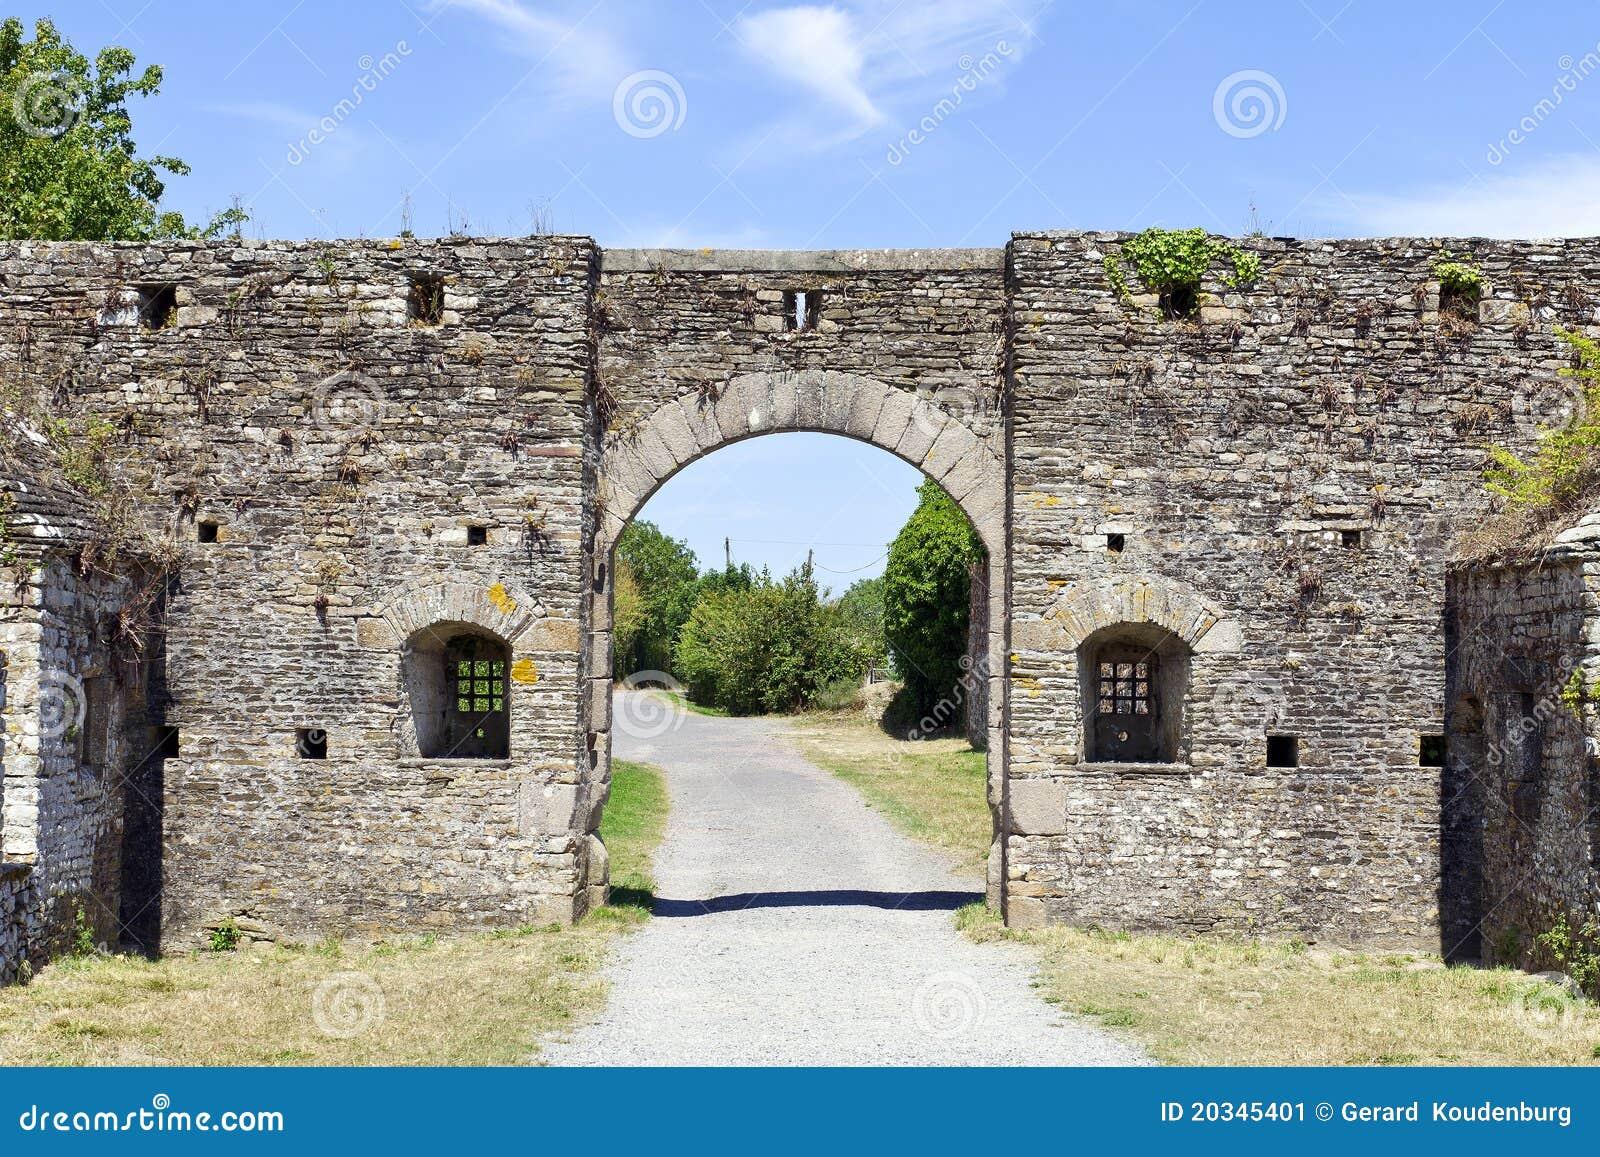 La piedra arquea la entrada del castillo fortificado